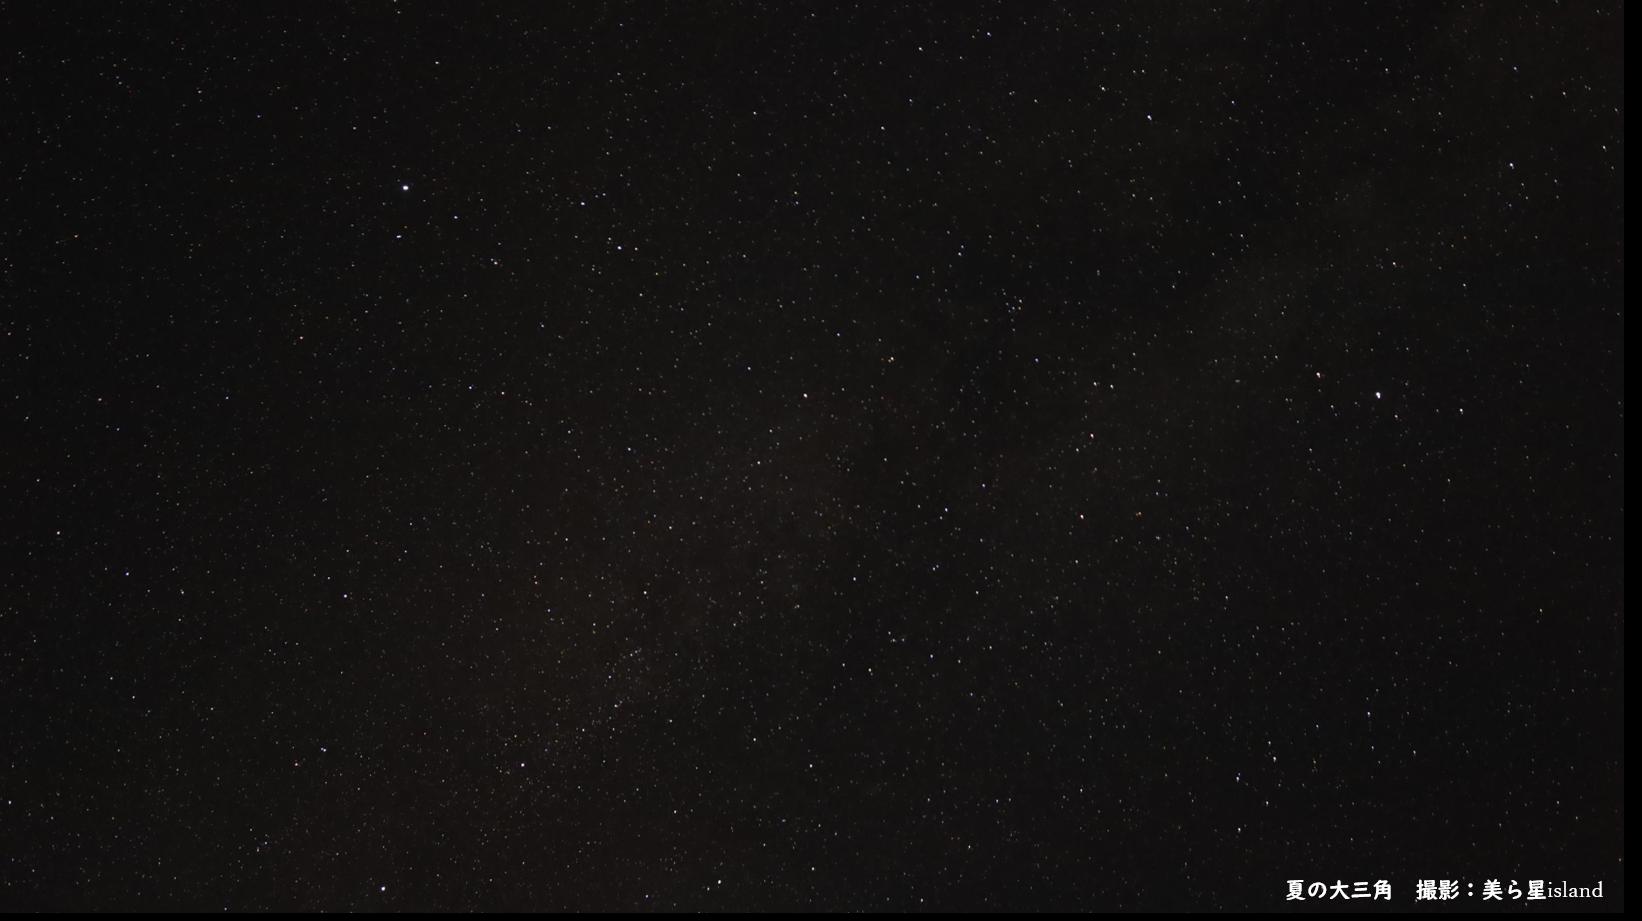 石垣島の星空 夏の大三角